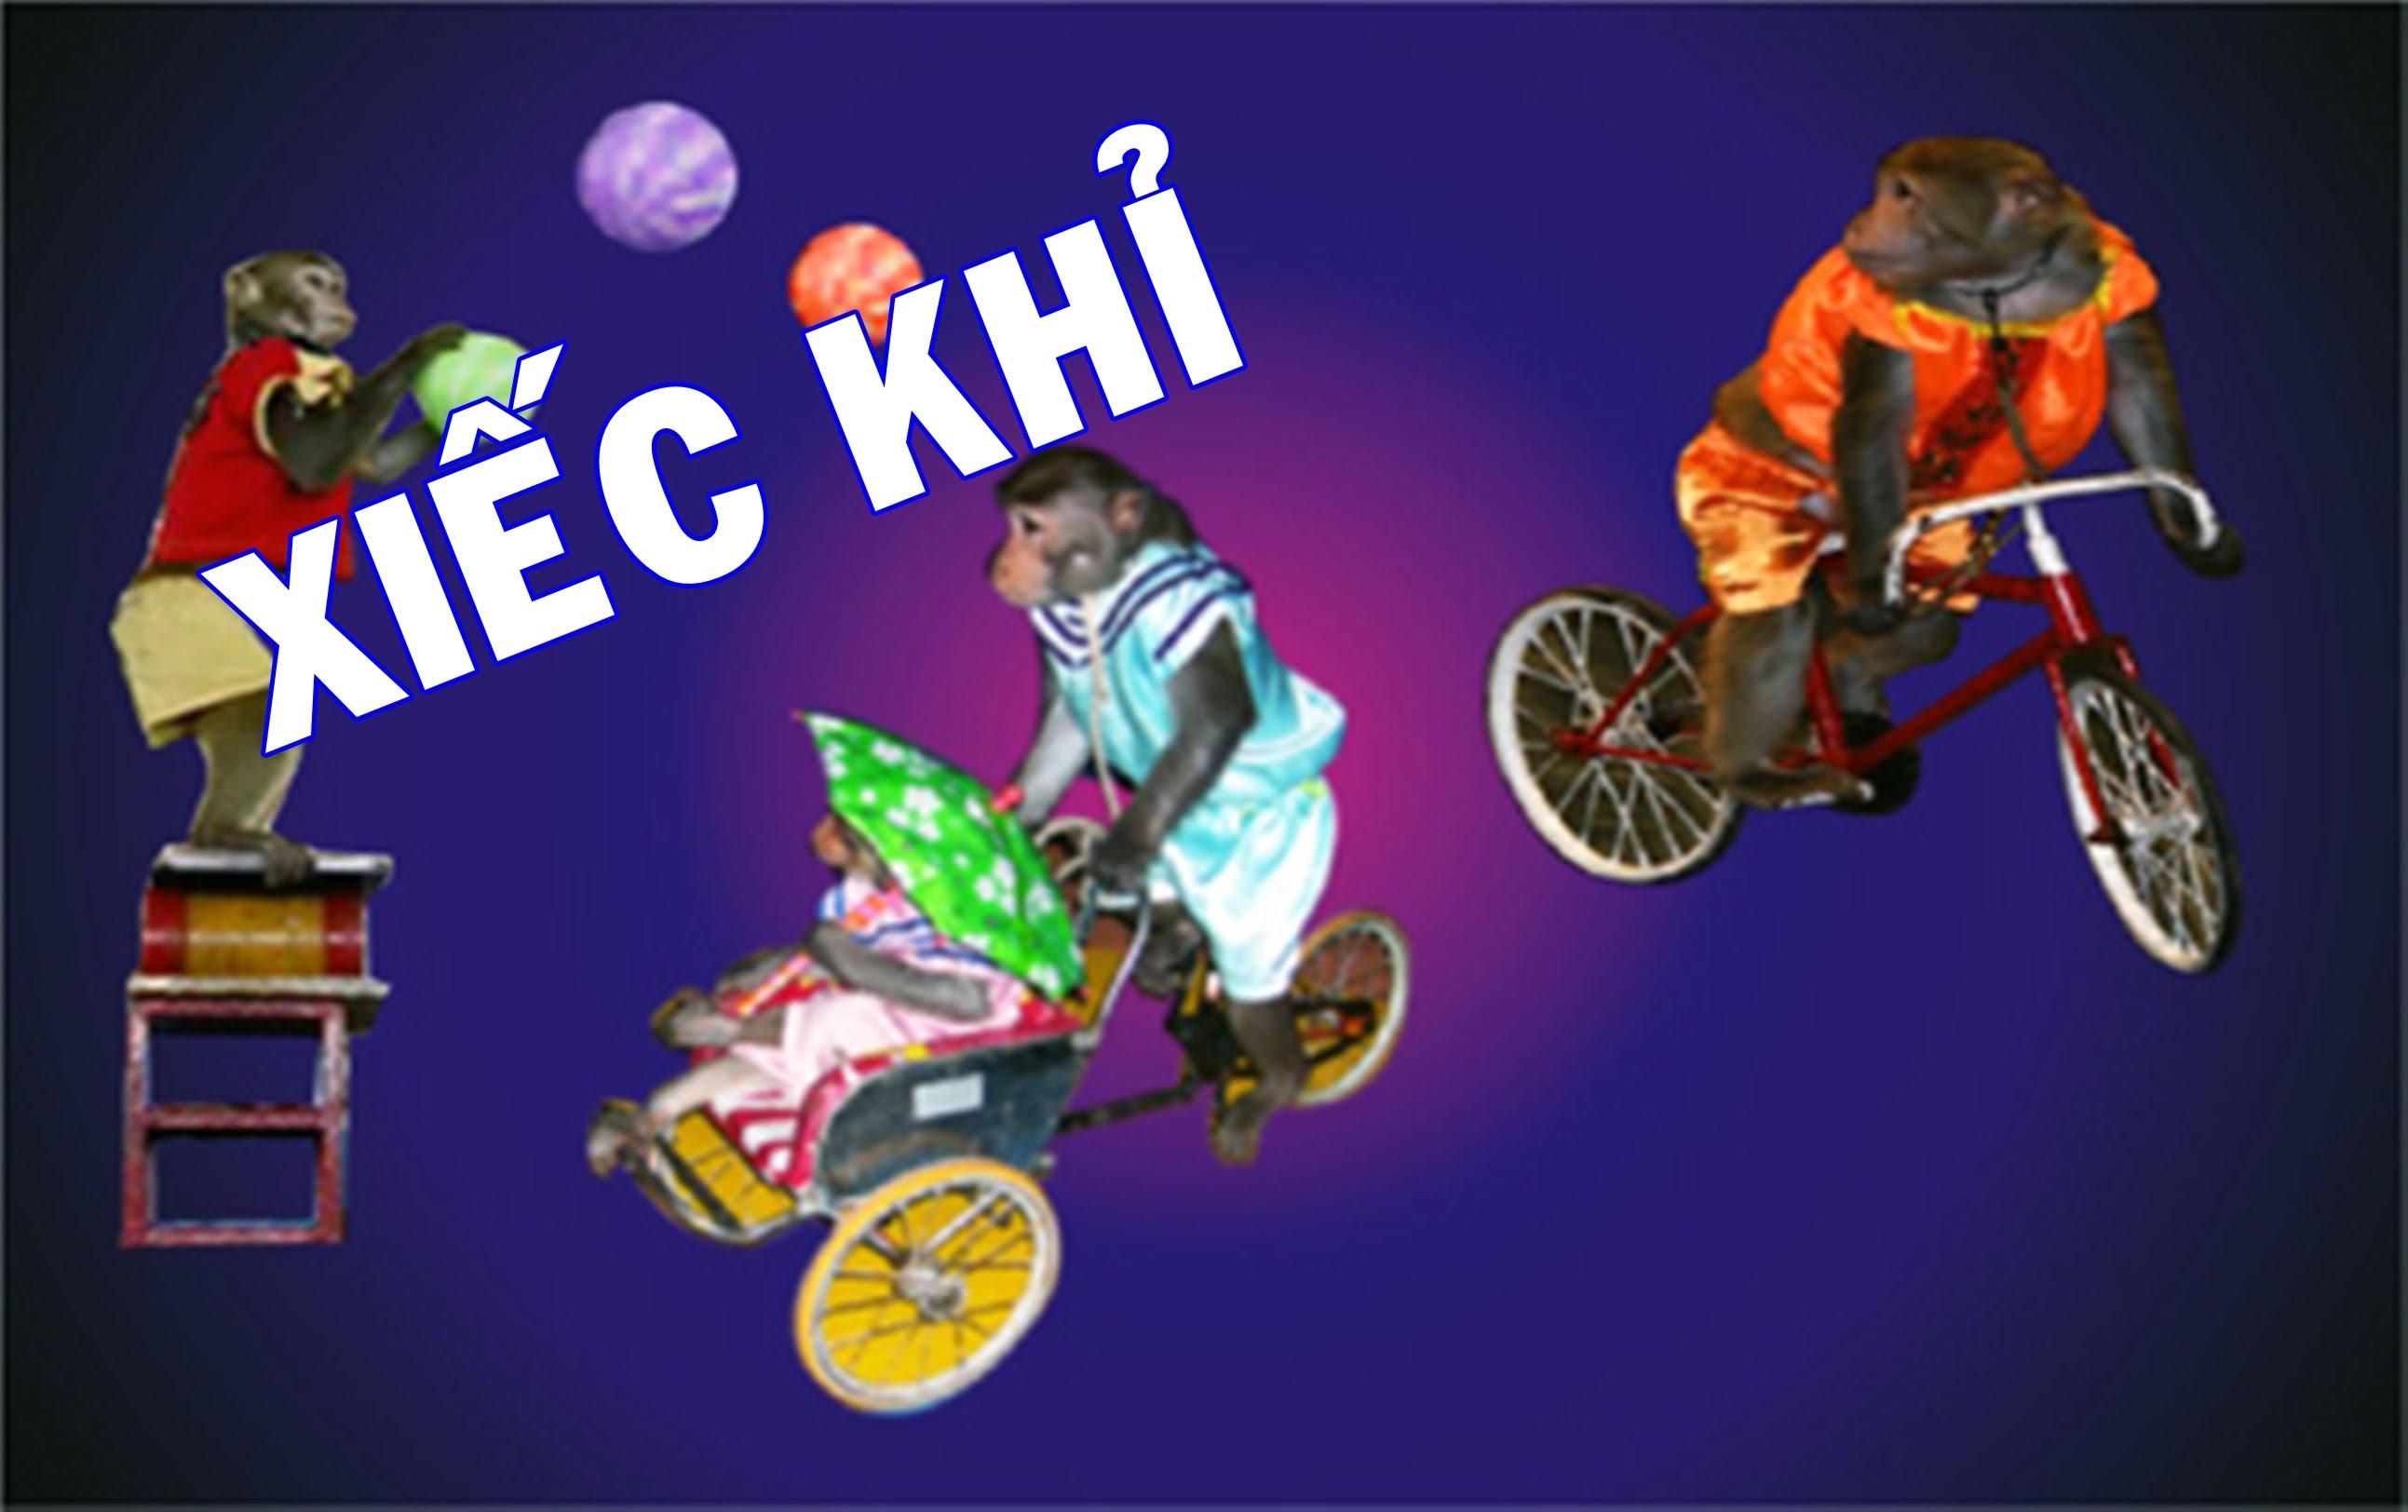 chothuexieckhitaihanoi